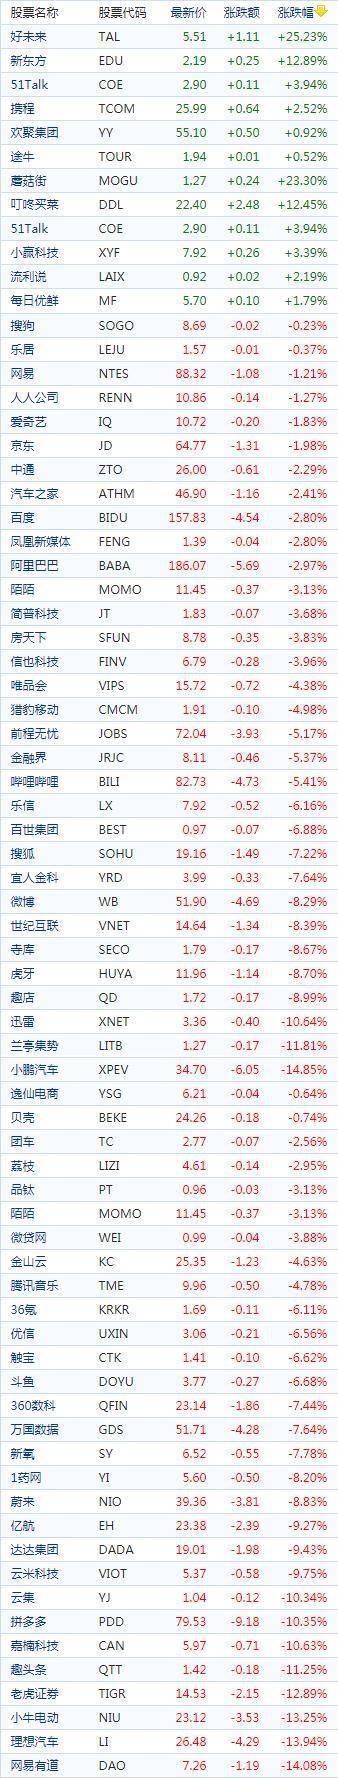 中国概念股周二收盘普遍上涨 新能源车股走低